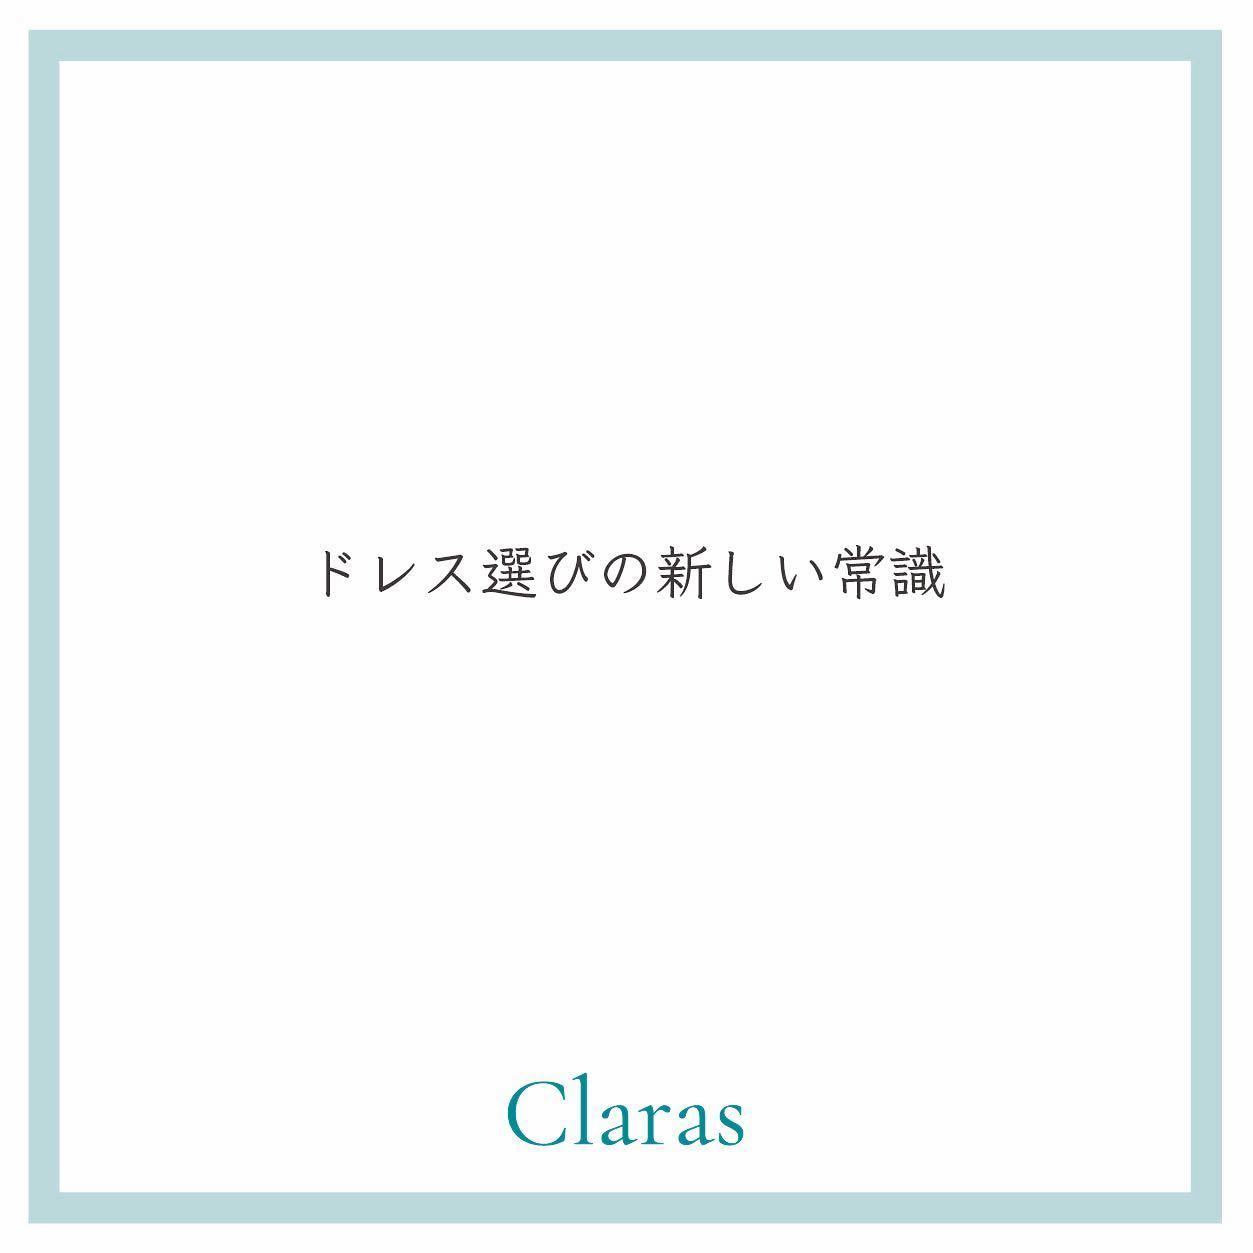 """🕊Claras が伝えたいこと🕊・本当のドレス選びの楽しさを感じて欲しい・インポートドレスを適正価格でお届けするのがClaras・レンタルでは叶わない繊細で上質な素材も、ジャストサイズだから再現できるデザイン美も・Parisに関連会社があるからこそ直輸入での適正価格が叶う・Clarasは1組ずつ貸切でご案内寛ぎながら本当にその方に合った1着へと導きます自分だけのための1着を選びに来てください🤍結婚式やフォトなど迷ってる方でもまずはClarasへ🕊・長年様々なウエディングに携わってきたClarasスタッフより、細かなカウンセリングを行い的確ななご提案をさせていただきますご予約はDMからでも承れます・New Normal Wedding Salon""""Claras""""https://claras.jp/・about """"Claras""""…(ラテン語で、明るい·輝く)As(明日· 未来, フランス語て最高、一番) ・明るく輝く明日(未来) に貢献したいという想いを込めています🕊Fashionの都Parisをはじめ、欧米から選りすぐりのドレスをこれから出逢う花嫁のために取揃えました・2021.3.7 (Sun)NEW OPEN・Dressから始まるWedding Story""""憧れていた Dress選びから始まる結婚準備があったっていい""""・さまざまな新しい「価値」を創造し発信していきますこれからの新しい Wedding の常識を""""Claras """"から🕊・New Normal Wedding Salon【Claras】〒107-0061 東京都港区北青山2-9-14SISTER Bldg 1F(101) 東京メトロ銀座線 外苑前駅3番出ロより徒歩2分Tel:03 6910 5163HP: https://claras.jp営業時間:平日 12:00-18:00 土日祝11:00-18:00(定休日:月・火)・#wedding #weddingdress #instagood #instalike #claras #paris #vowrenewal#ウェディングドレス #プレ花嫁 #ドレス試着 #ドレス迷子#2021夏婚 #2021冬婚 #ヘアメイク #結婚式  #ドレス選び #前撮り #インポートドレス #フォトウェディング #ウェディングヘア  #フォト婚 #ニューノーマル #ブライダルフォト #カップルフォト #ウェディングドレス探し #ウェディングドレス試着 #セルドレス #ドレスショップ #バウリニューアル #運命のドレス"""